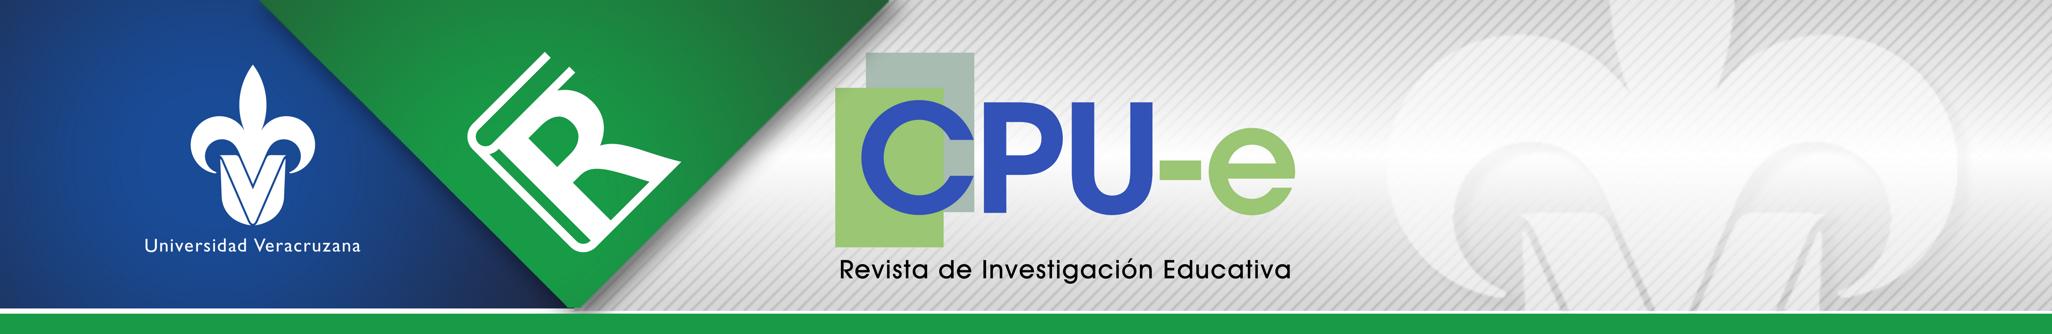 CPU-e, Revista de Investigación Educativa